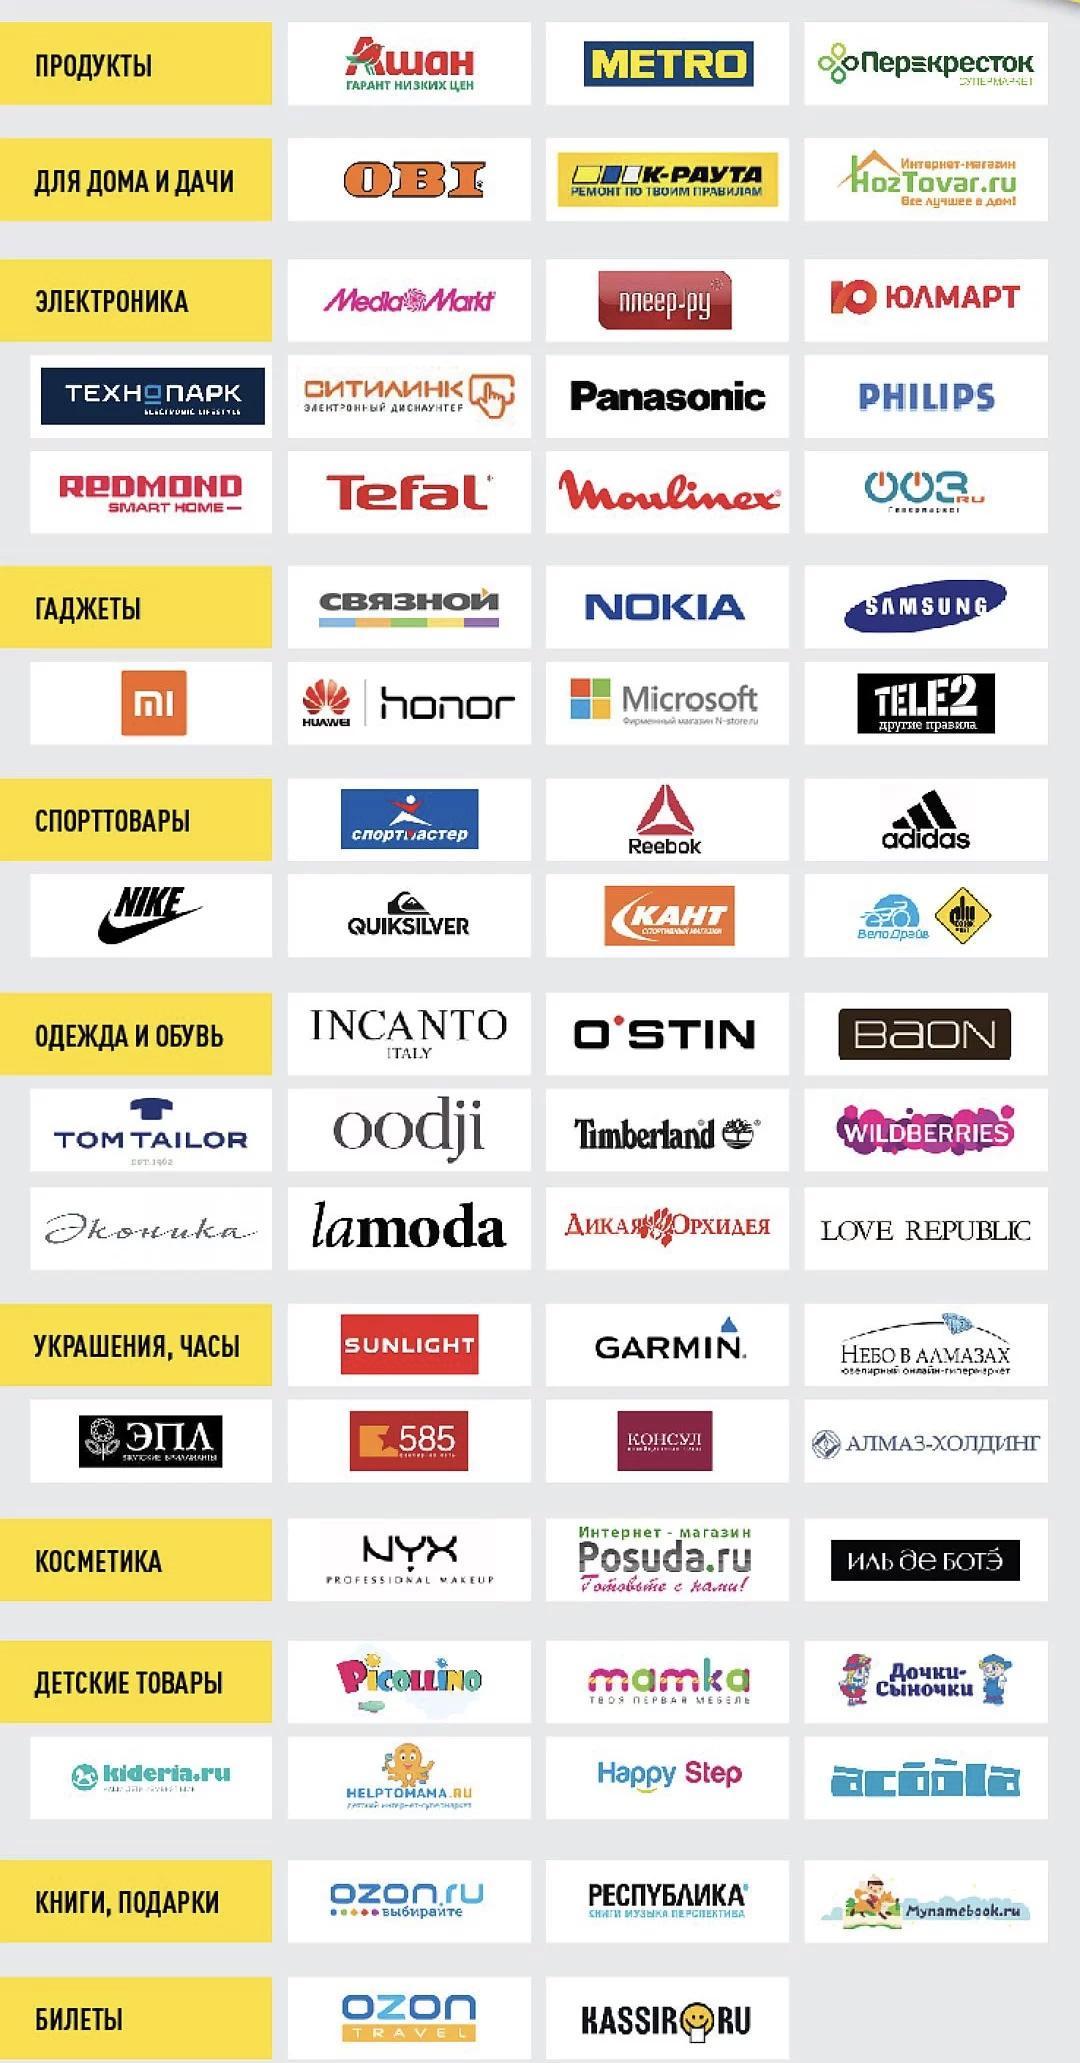 Перечень магазинов-партнеров, участвующих в Черной пятнице